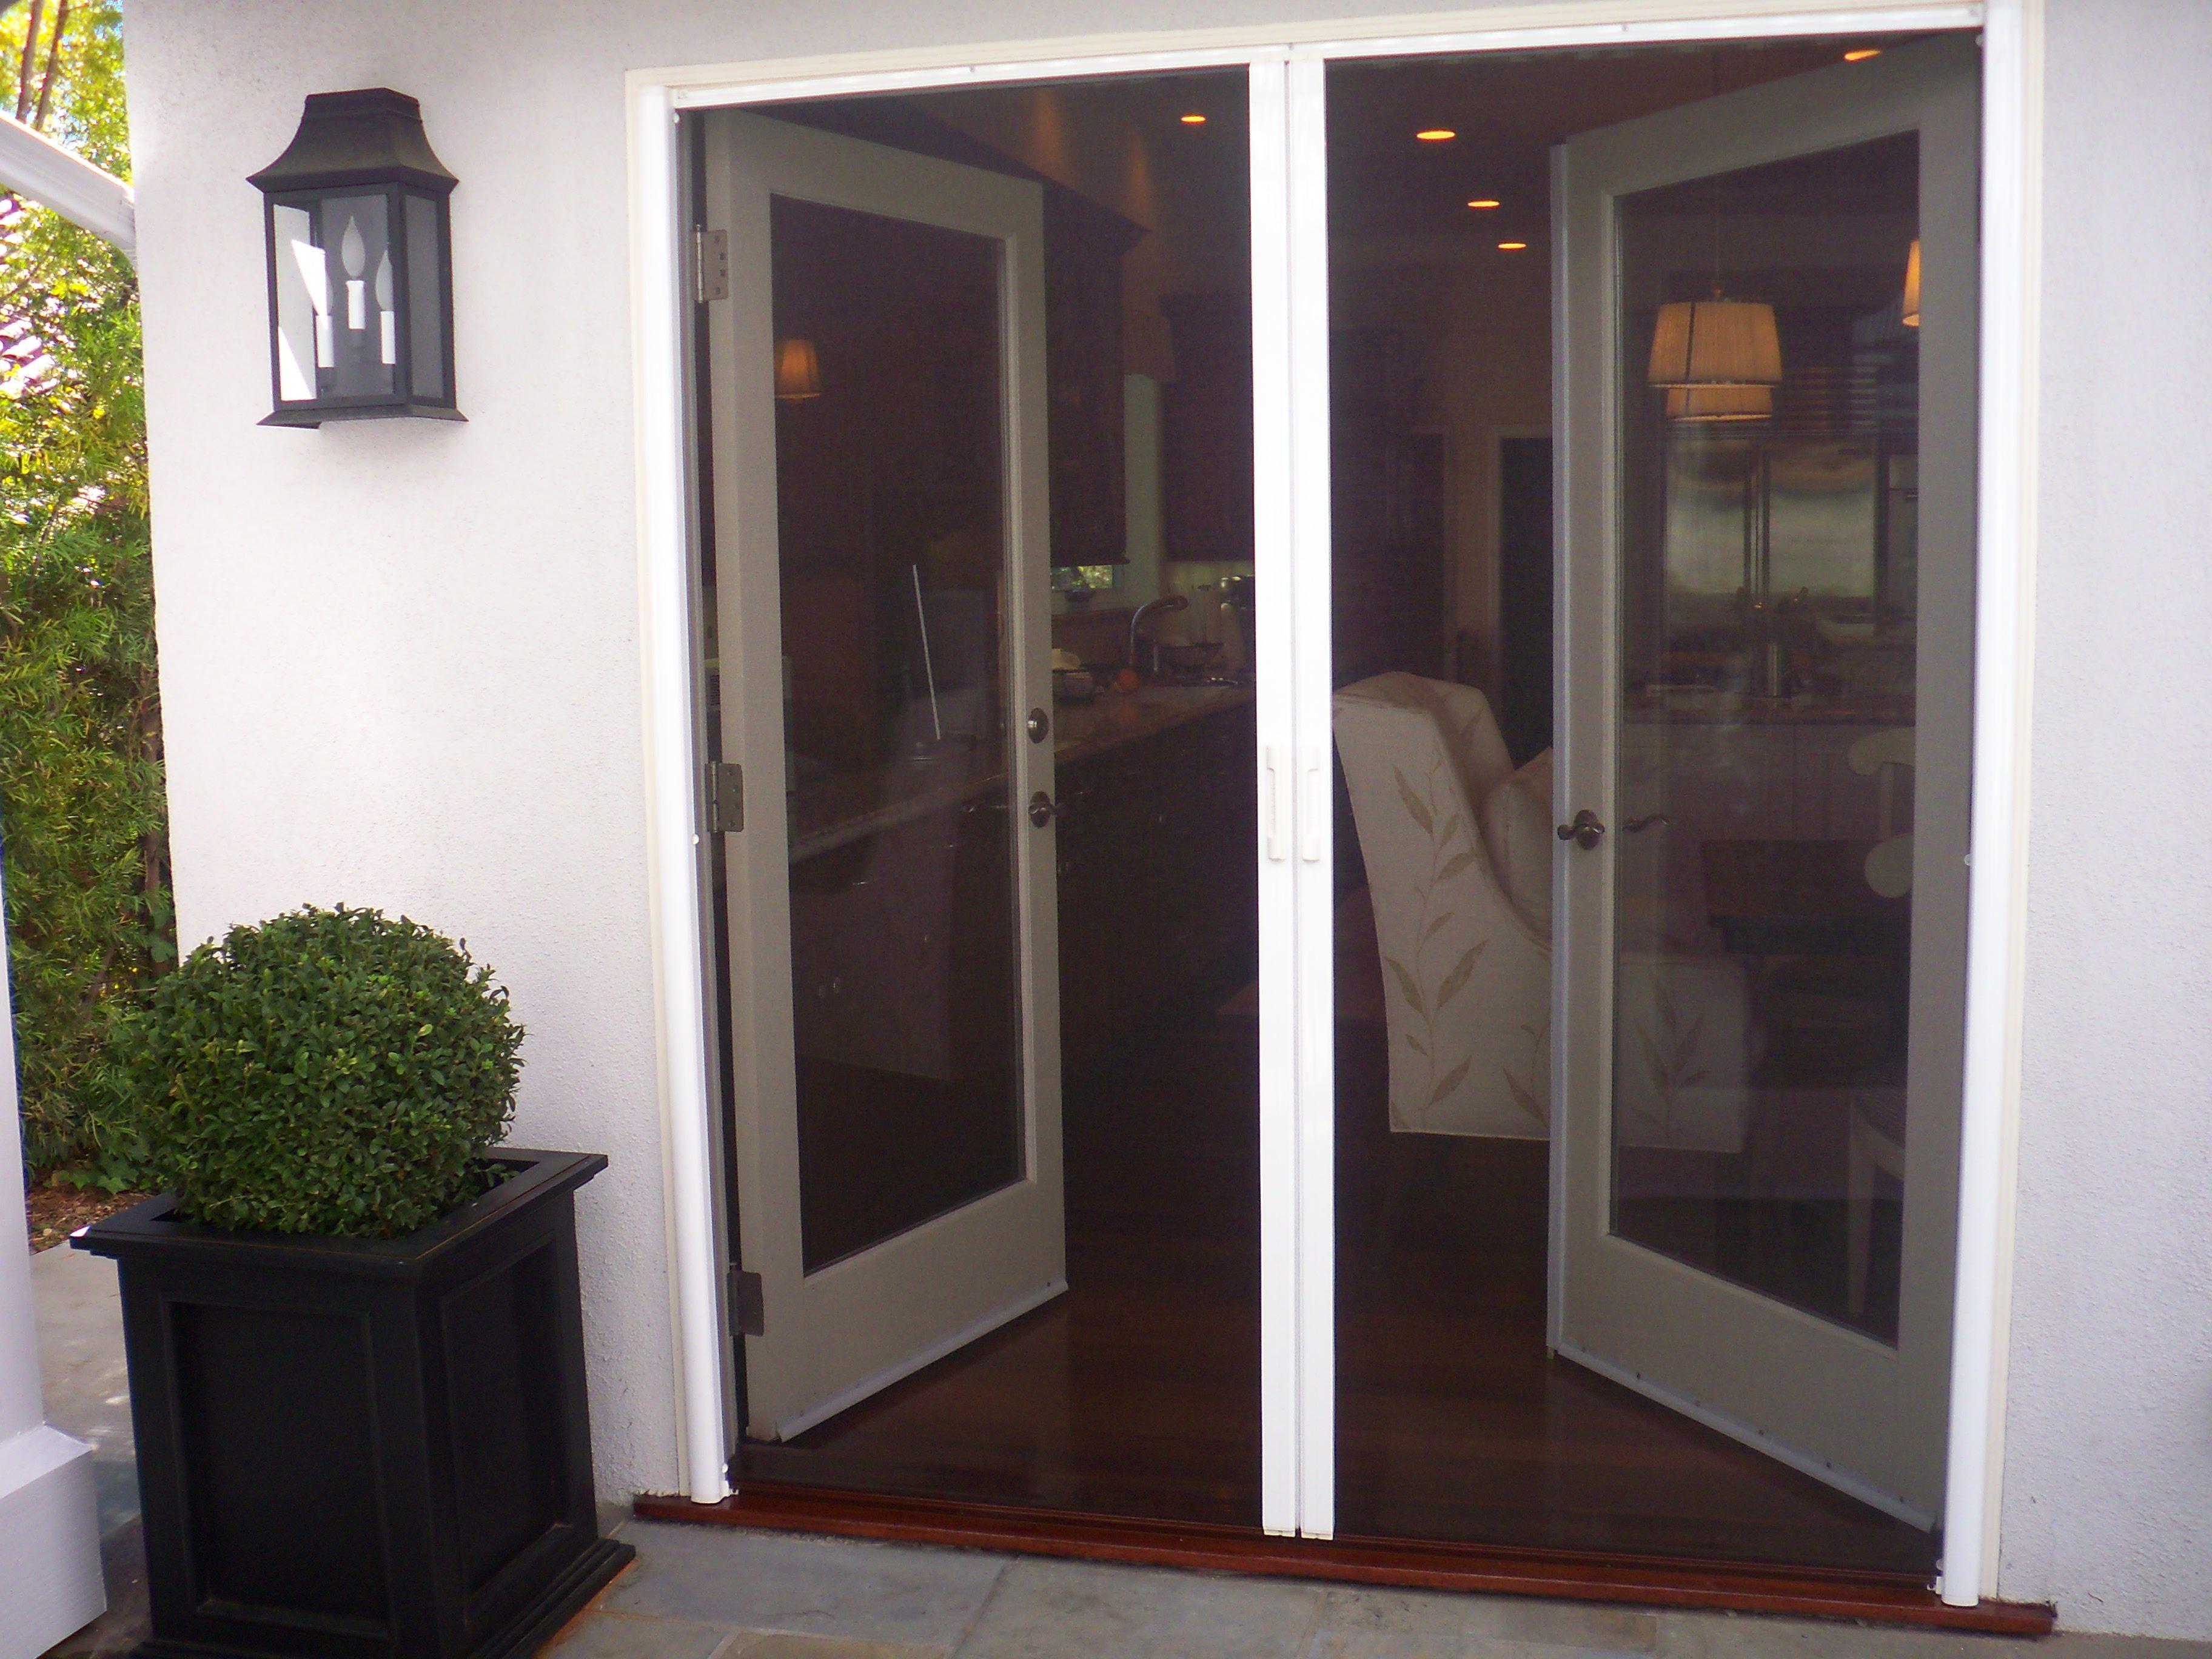 Larson Retractable Screen Door For French Doors Http